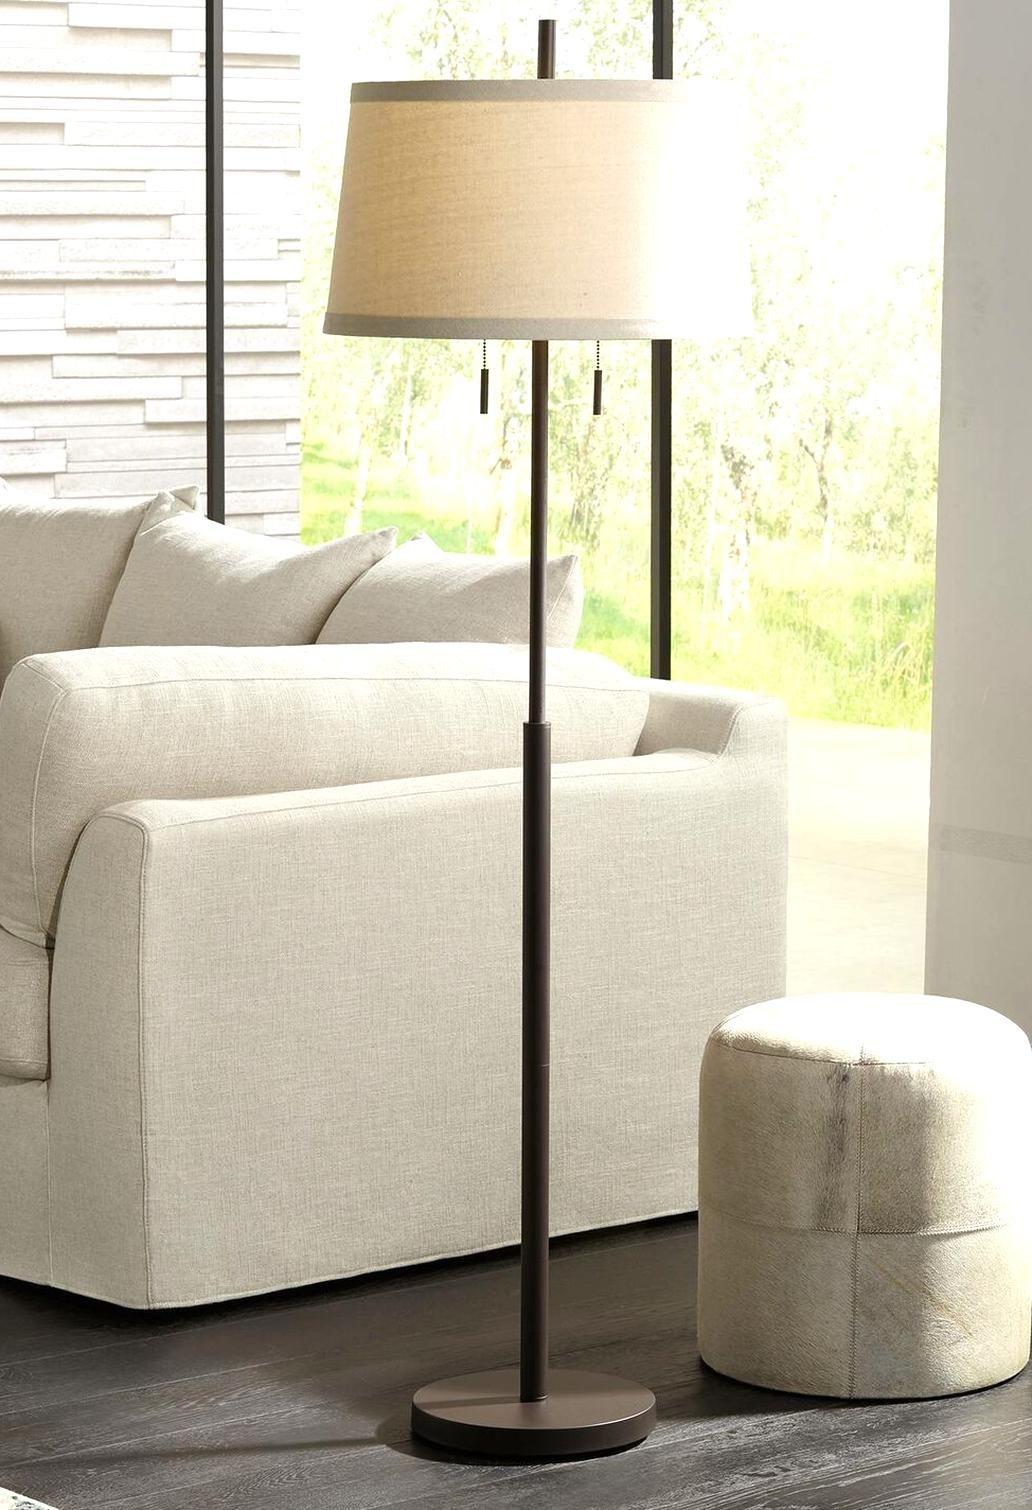 Modern Floor Lamp Bronze Slender Column Off White Shade For Living Room Bedroom Bedroom Lamps Ideas Of Bedr In 2020 Steel Floor Lamps Bronze Floor Lamp Floor Lamp